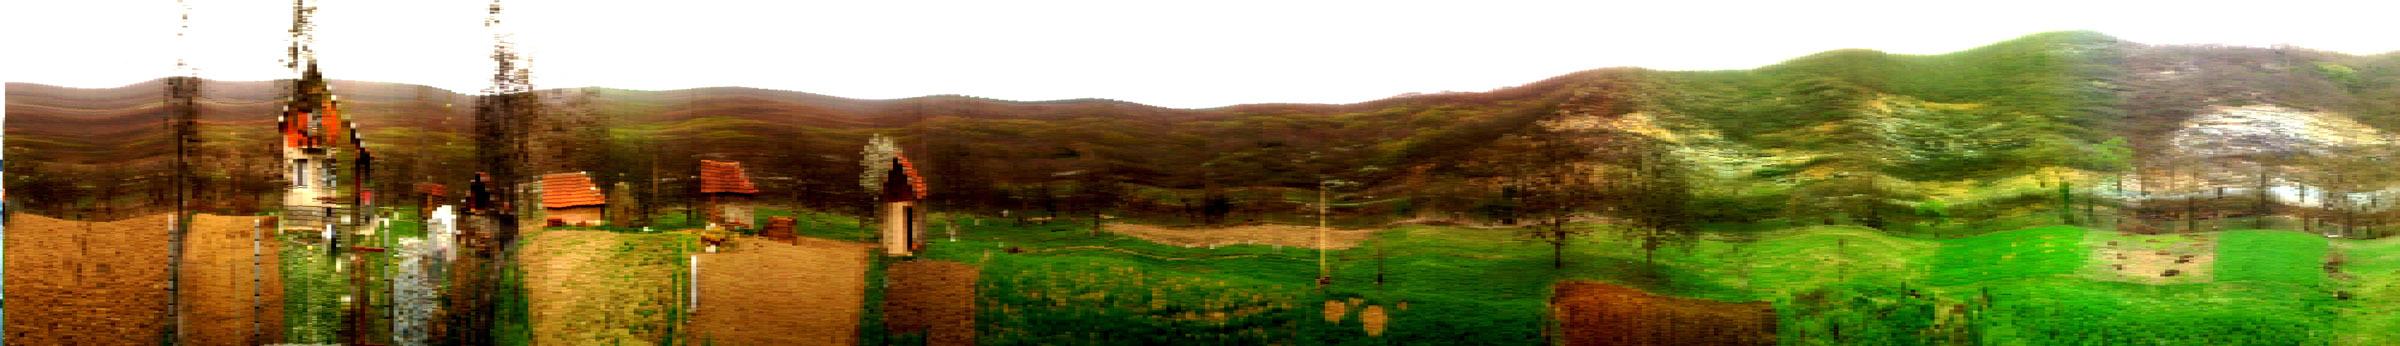 johann moser - timebased landscape 82-2